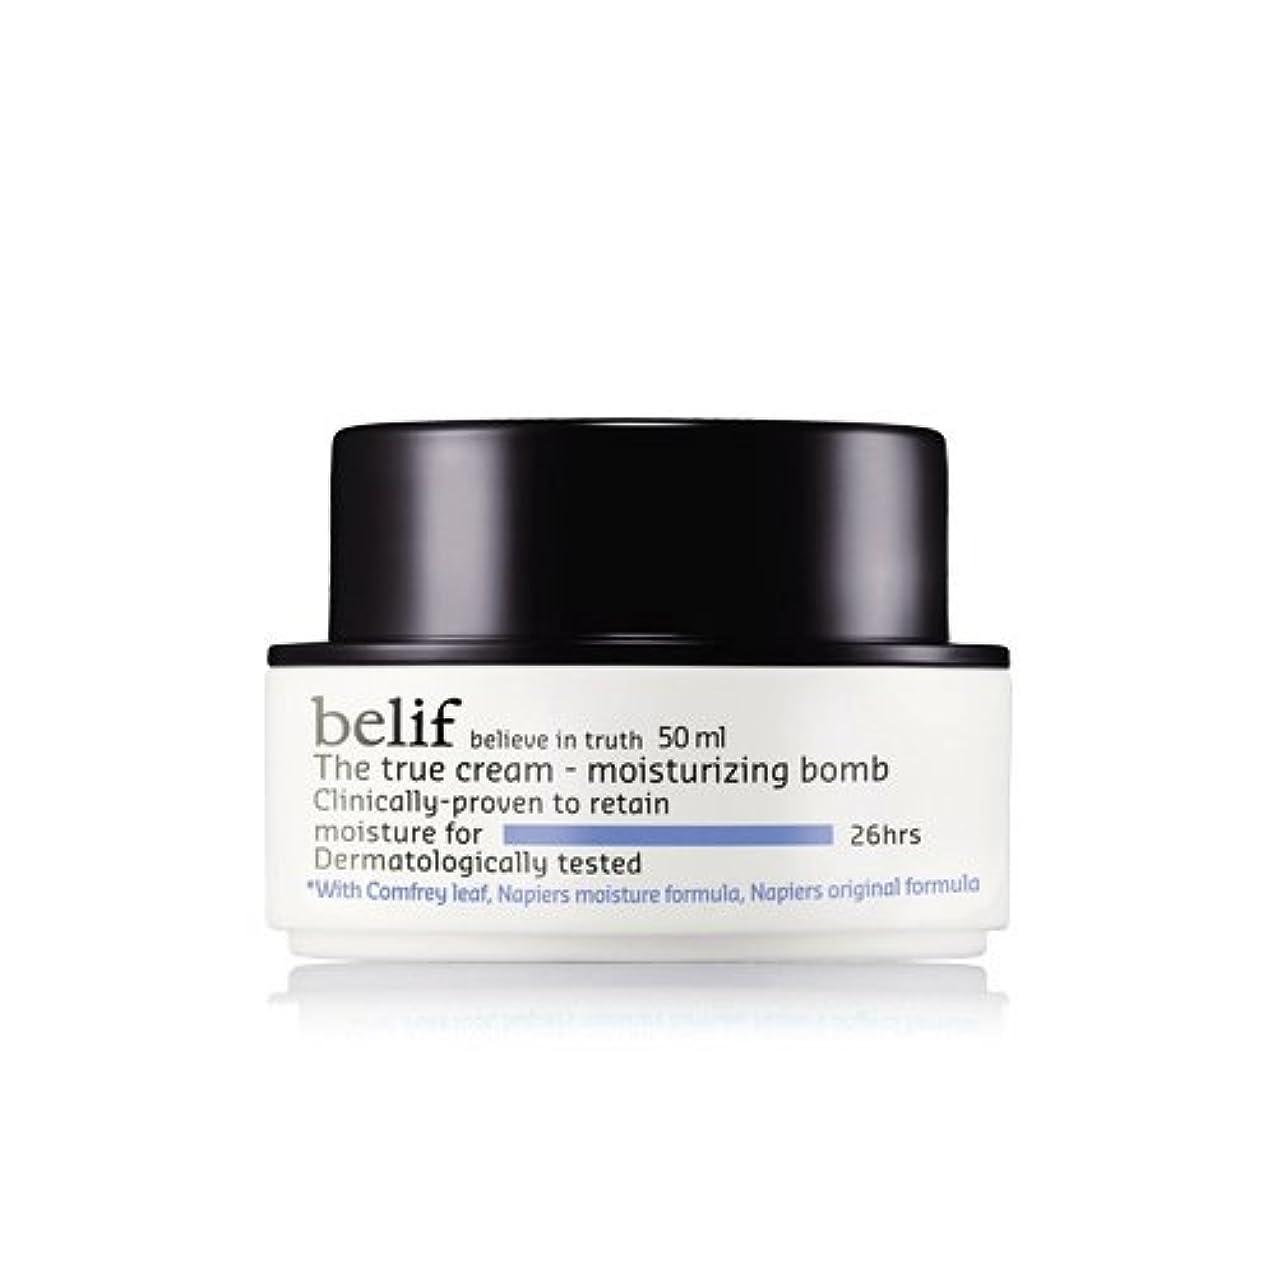 イブニング器官戦術『belif The true cream-moisturizing bomb 50ml』 ビリーフ 水分爆弾クリーム50ml 【福袋】